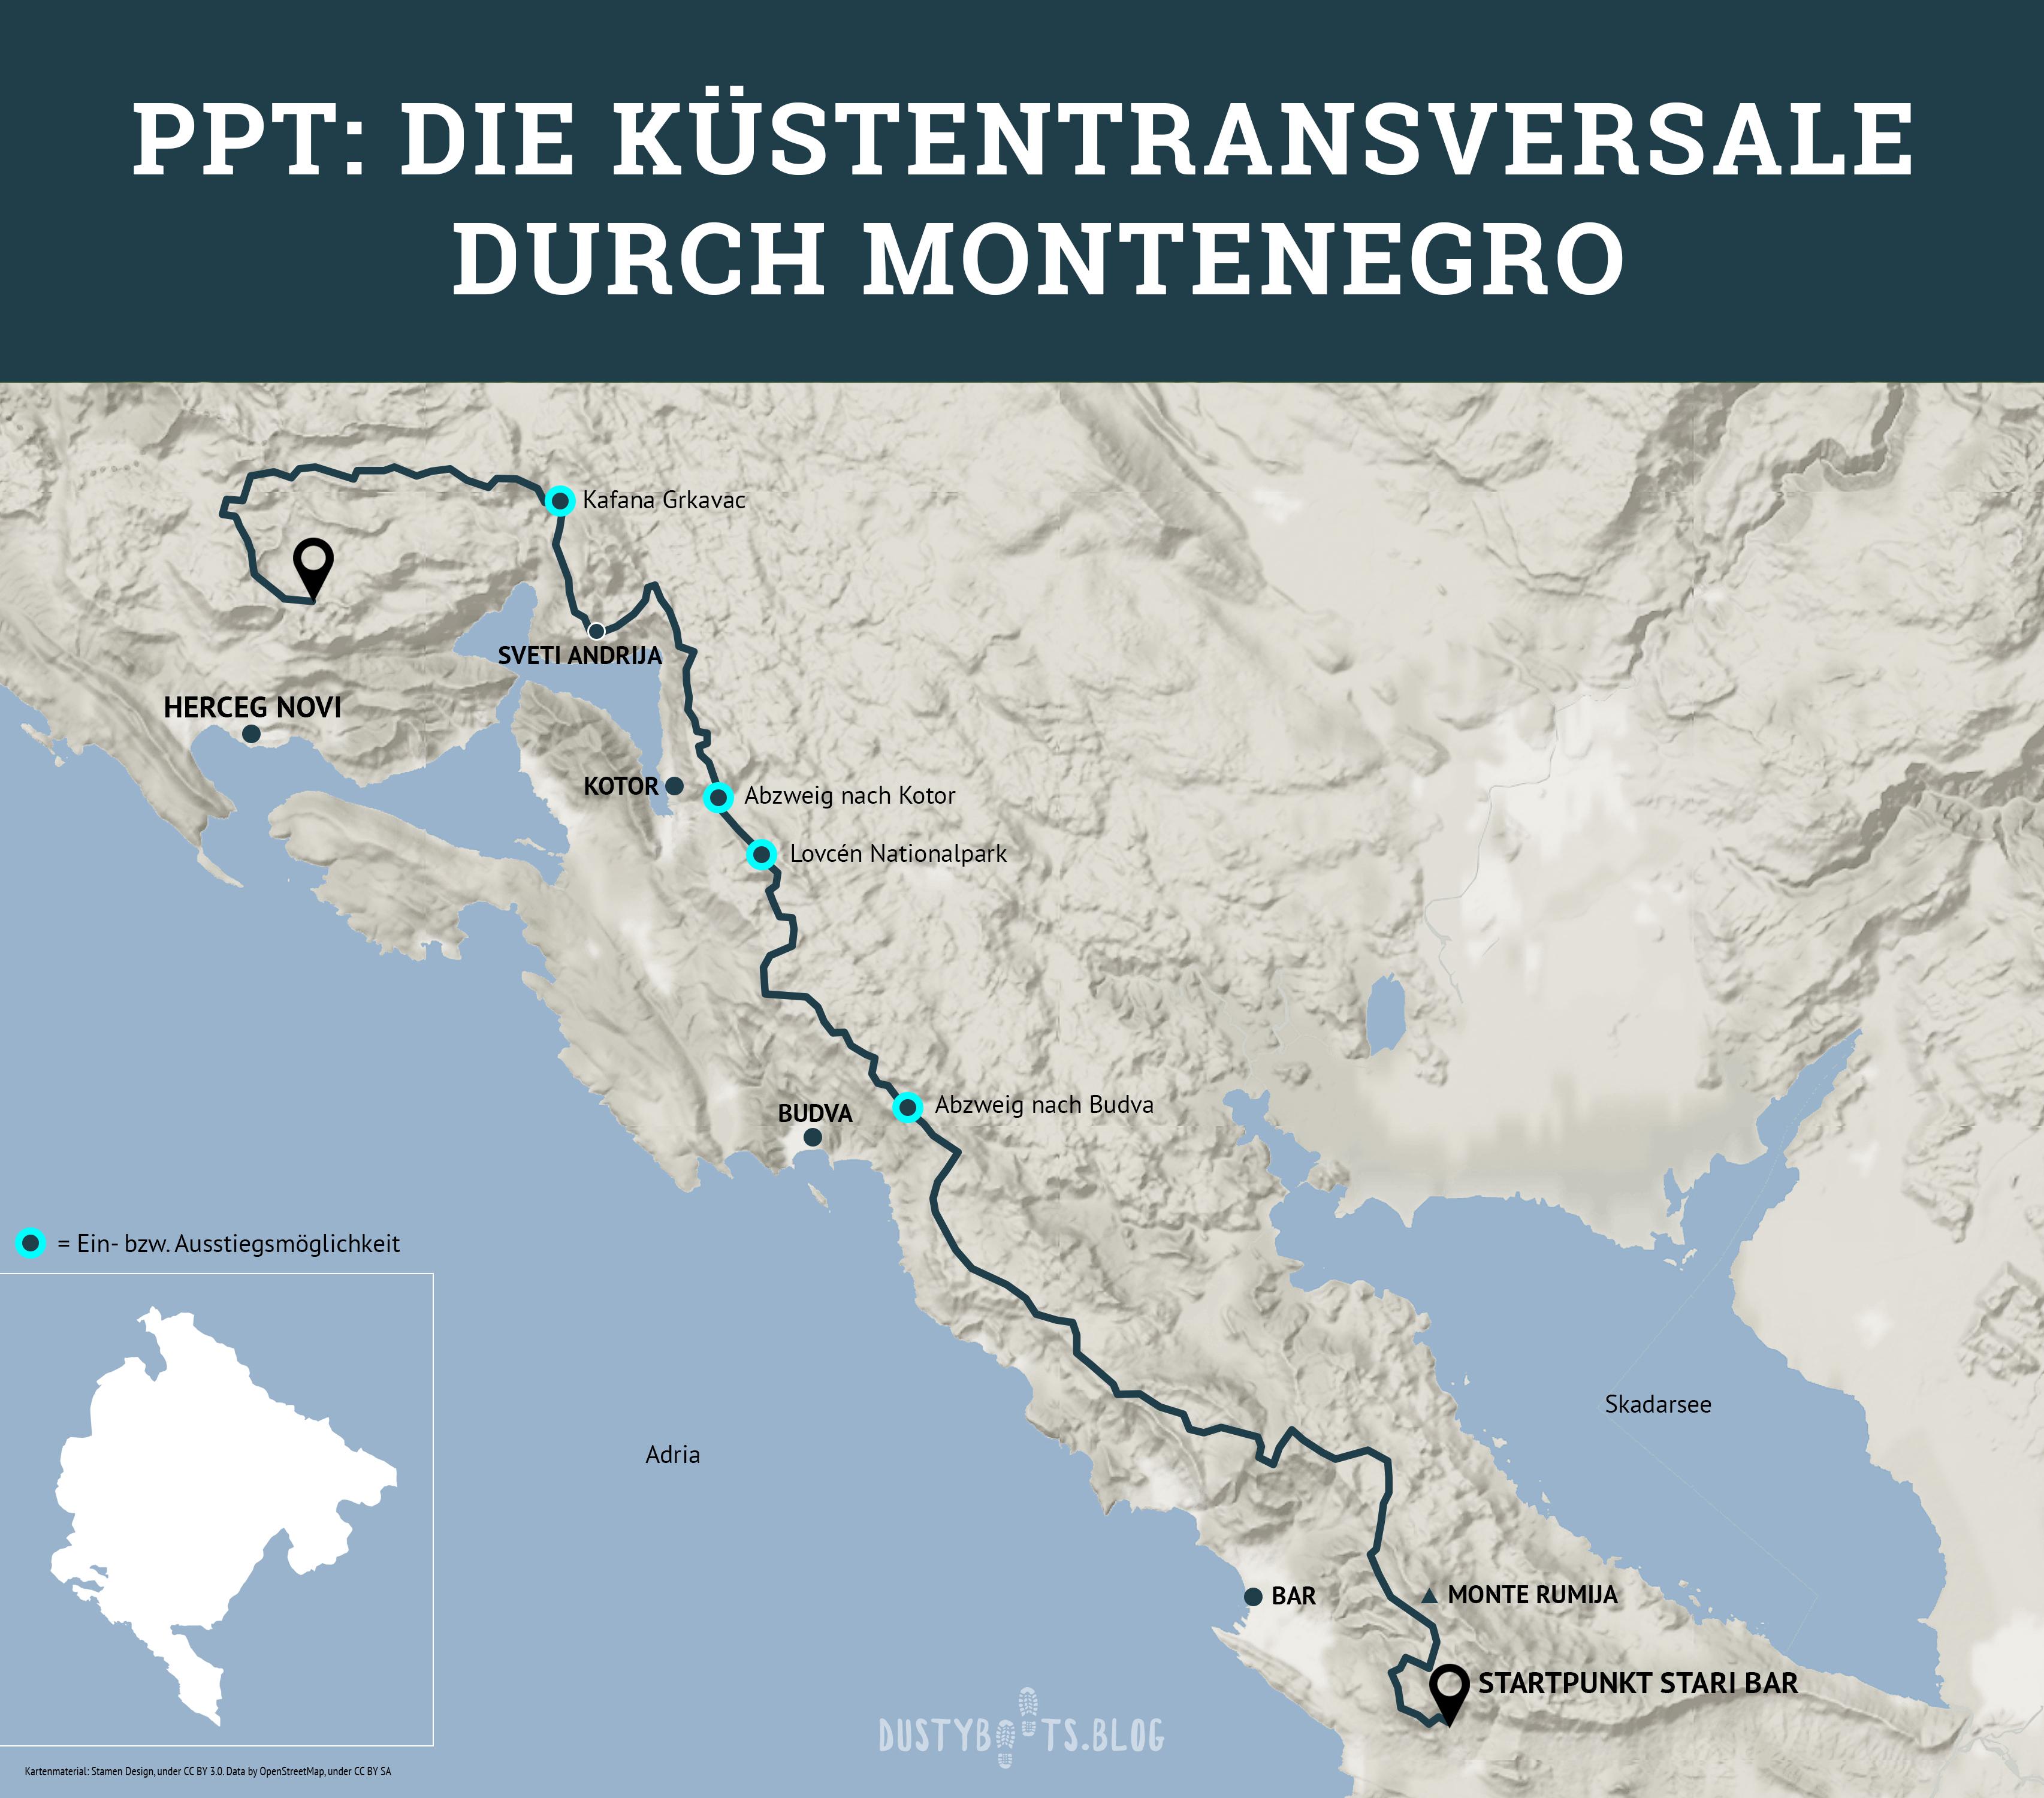 Bar Montenegro Karte.Infopaket Zum Ppt Kustentransversale Durch Montenegro